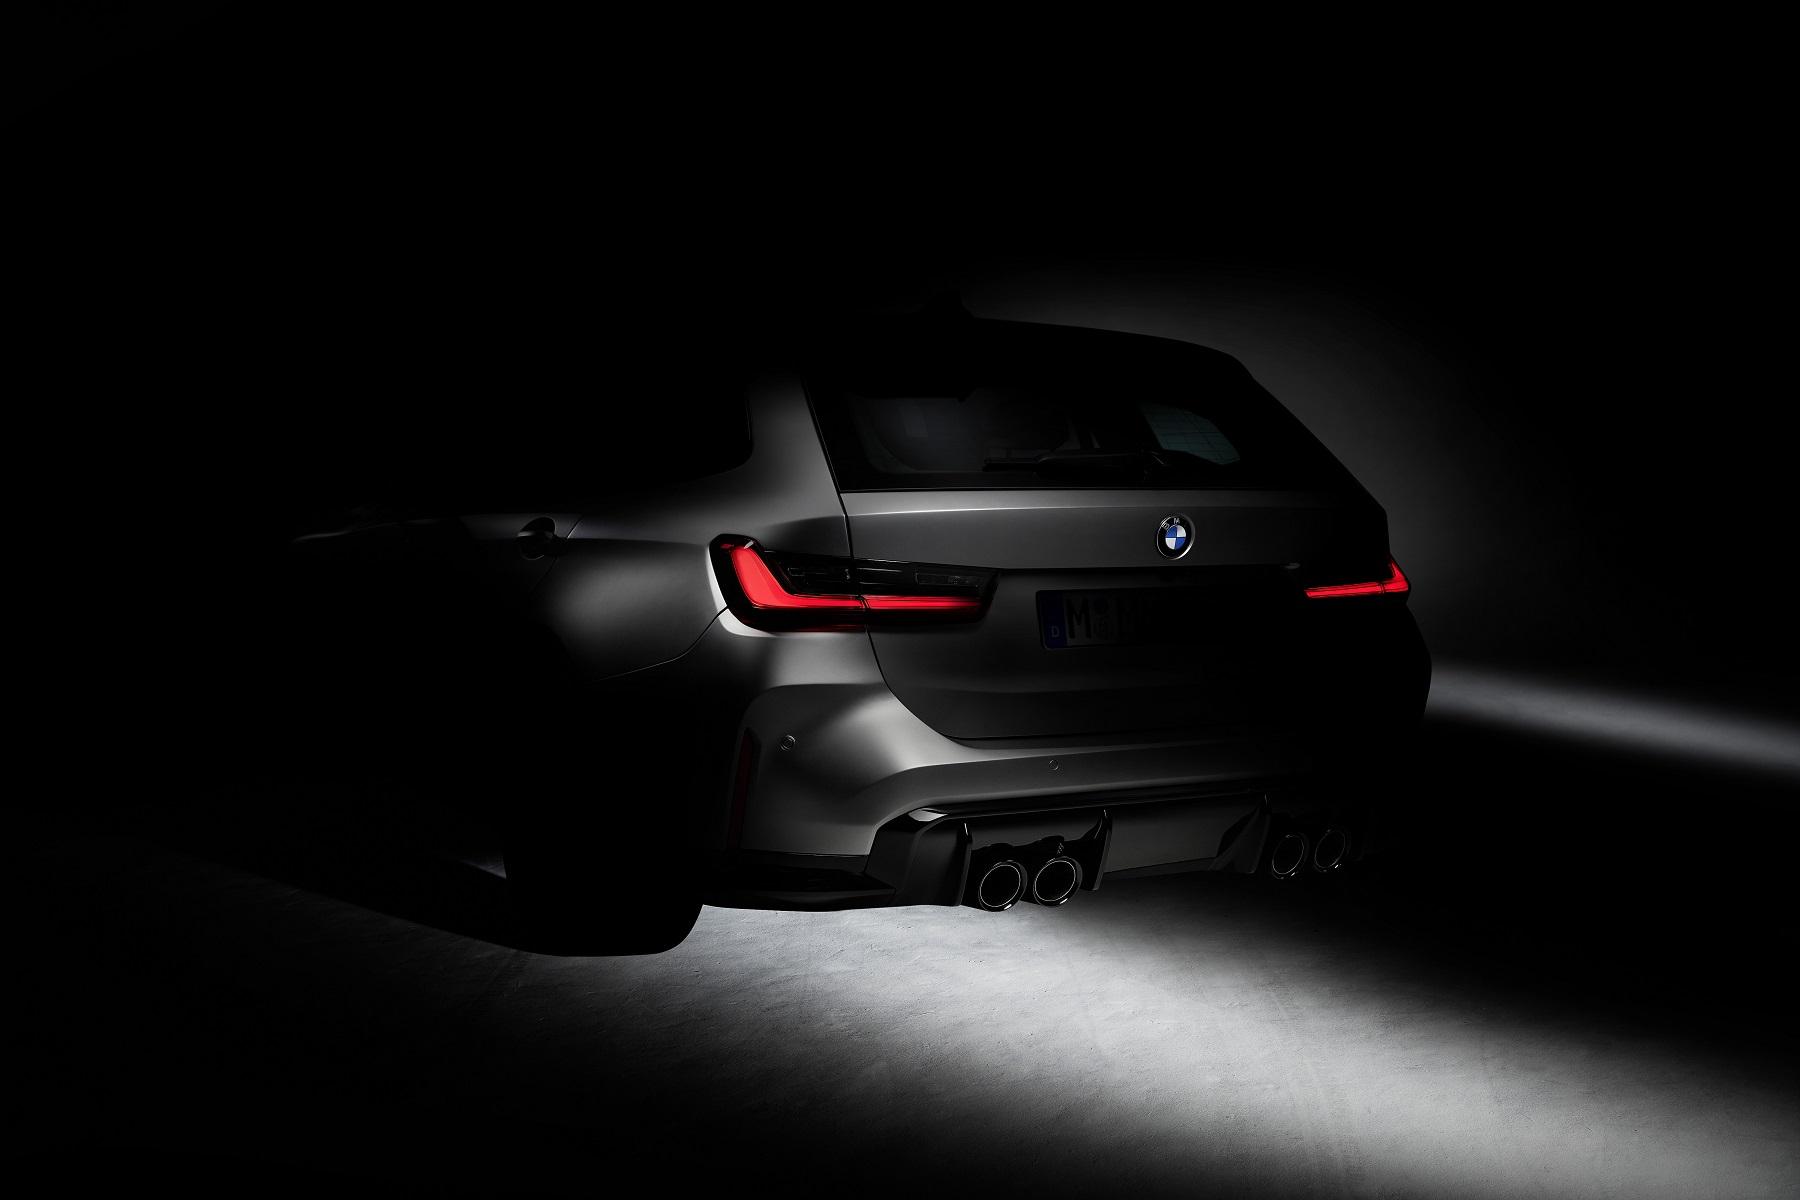 BMW oficiálne potvrdilo model M3 Touring, konkurenta pre Audi RS 4 Avant